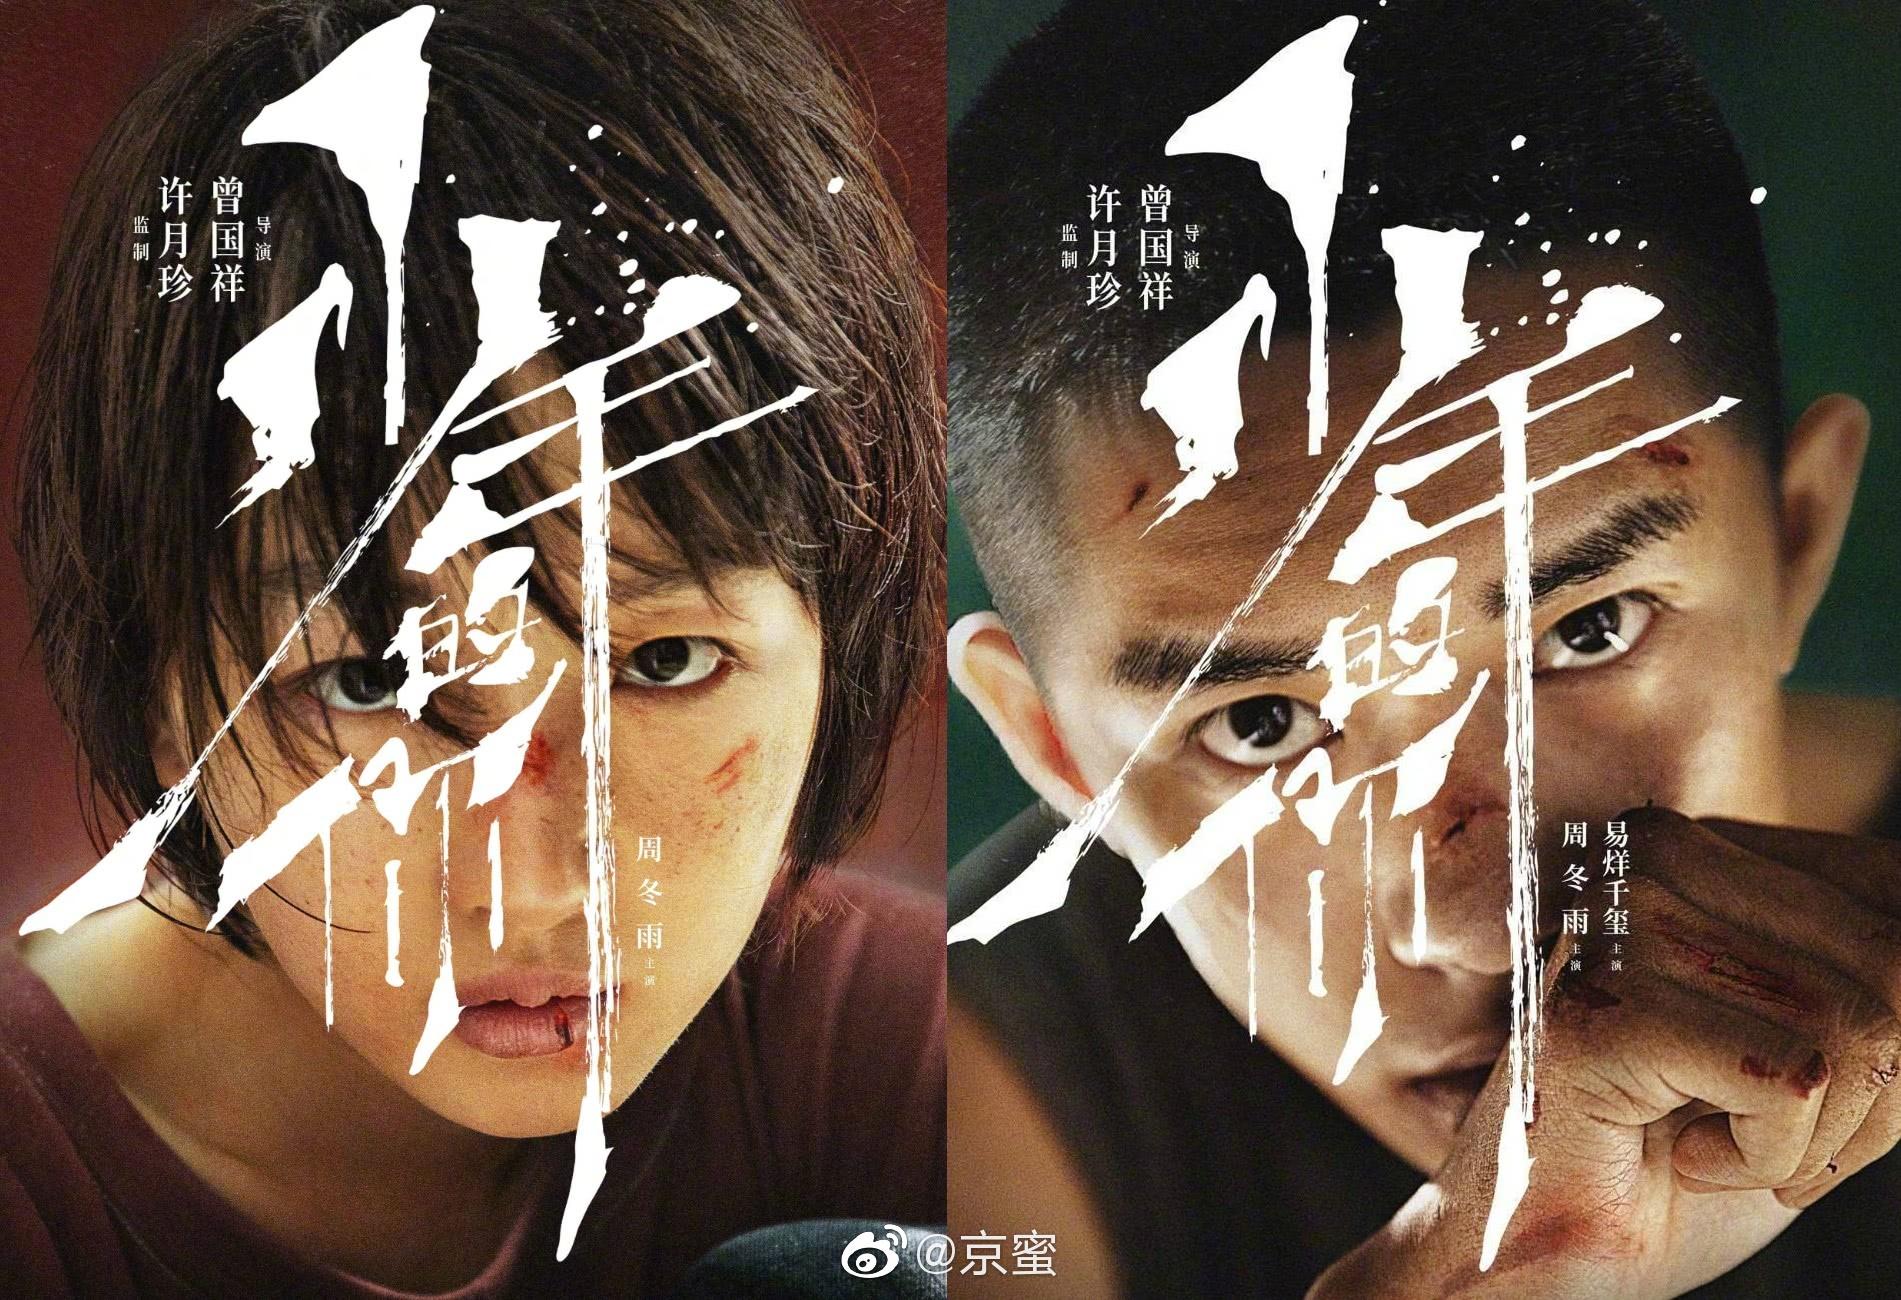 今日,由易烊千玺、周冬雨主演的电影《少年的你》官宣定档